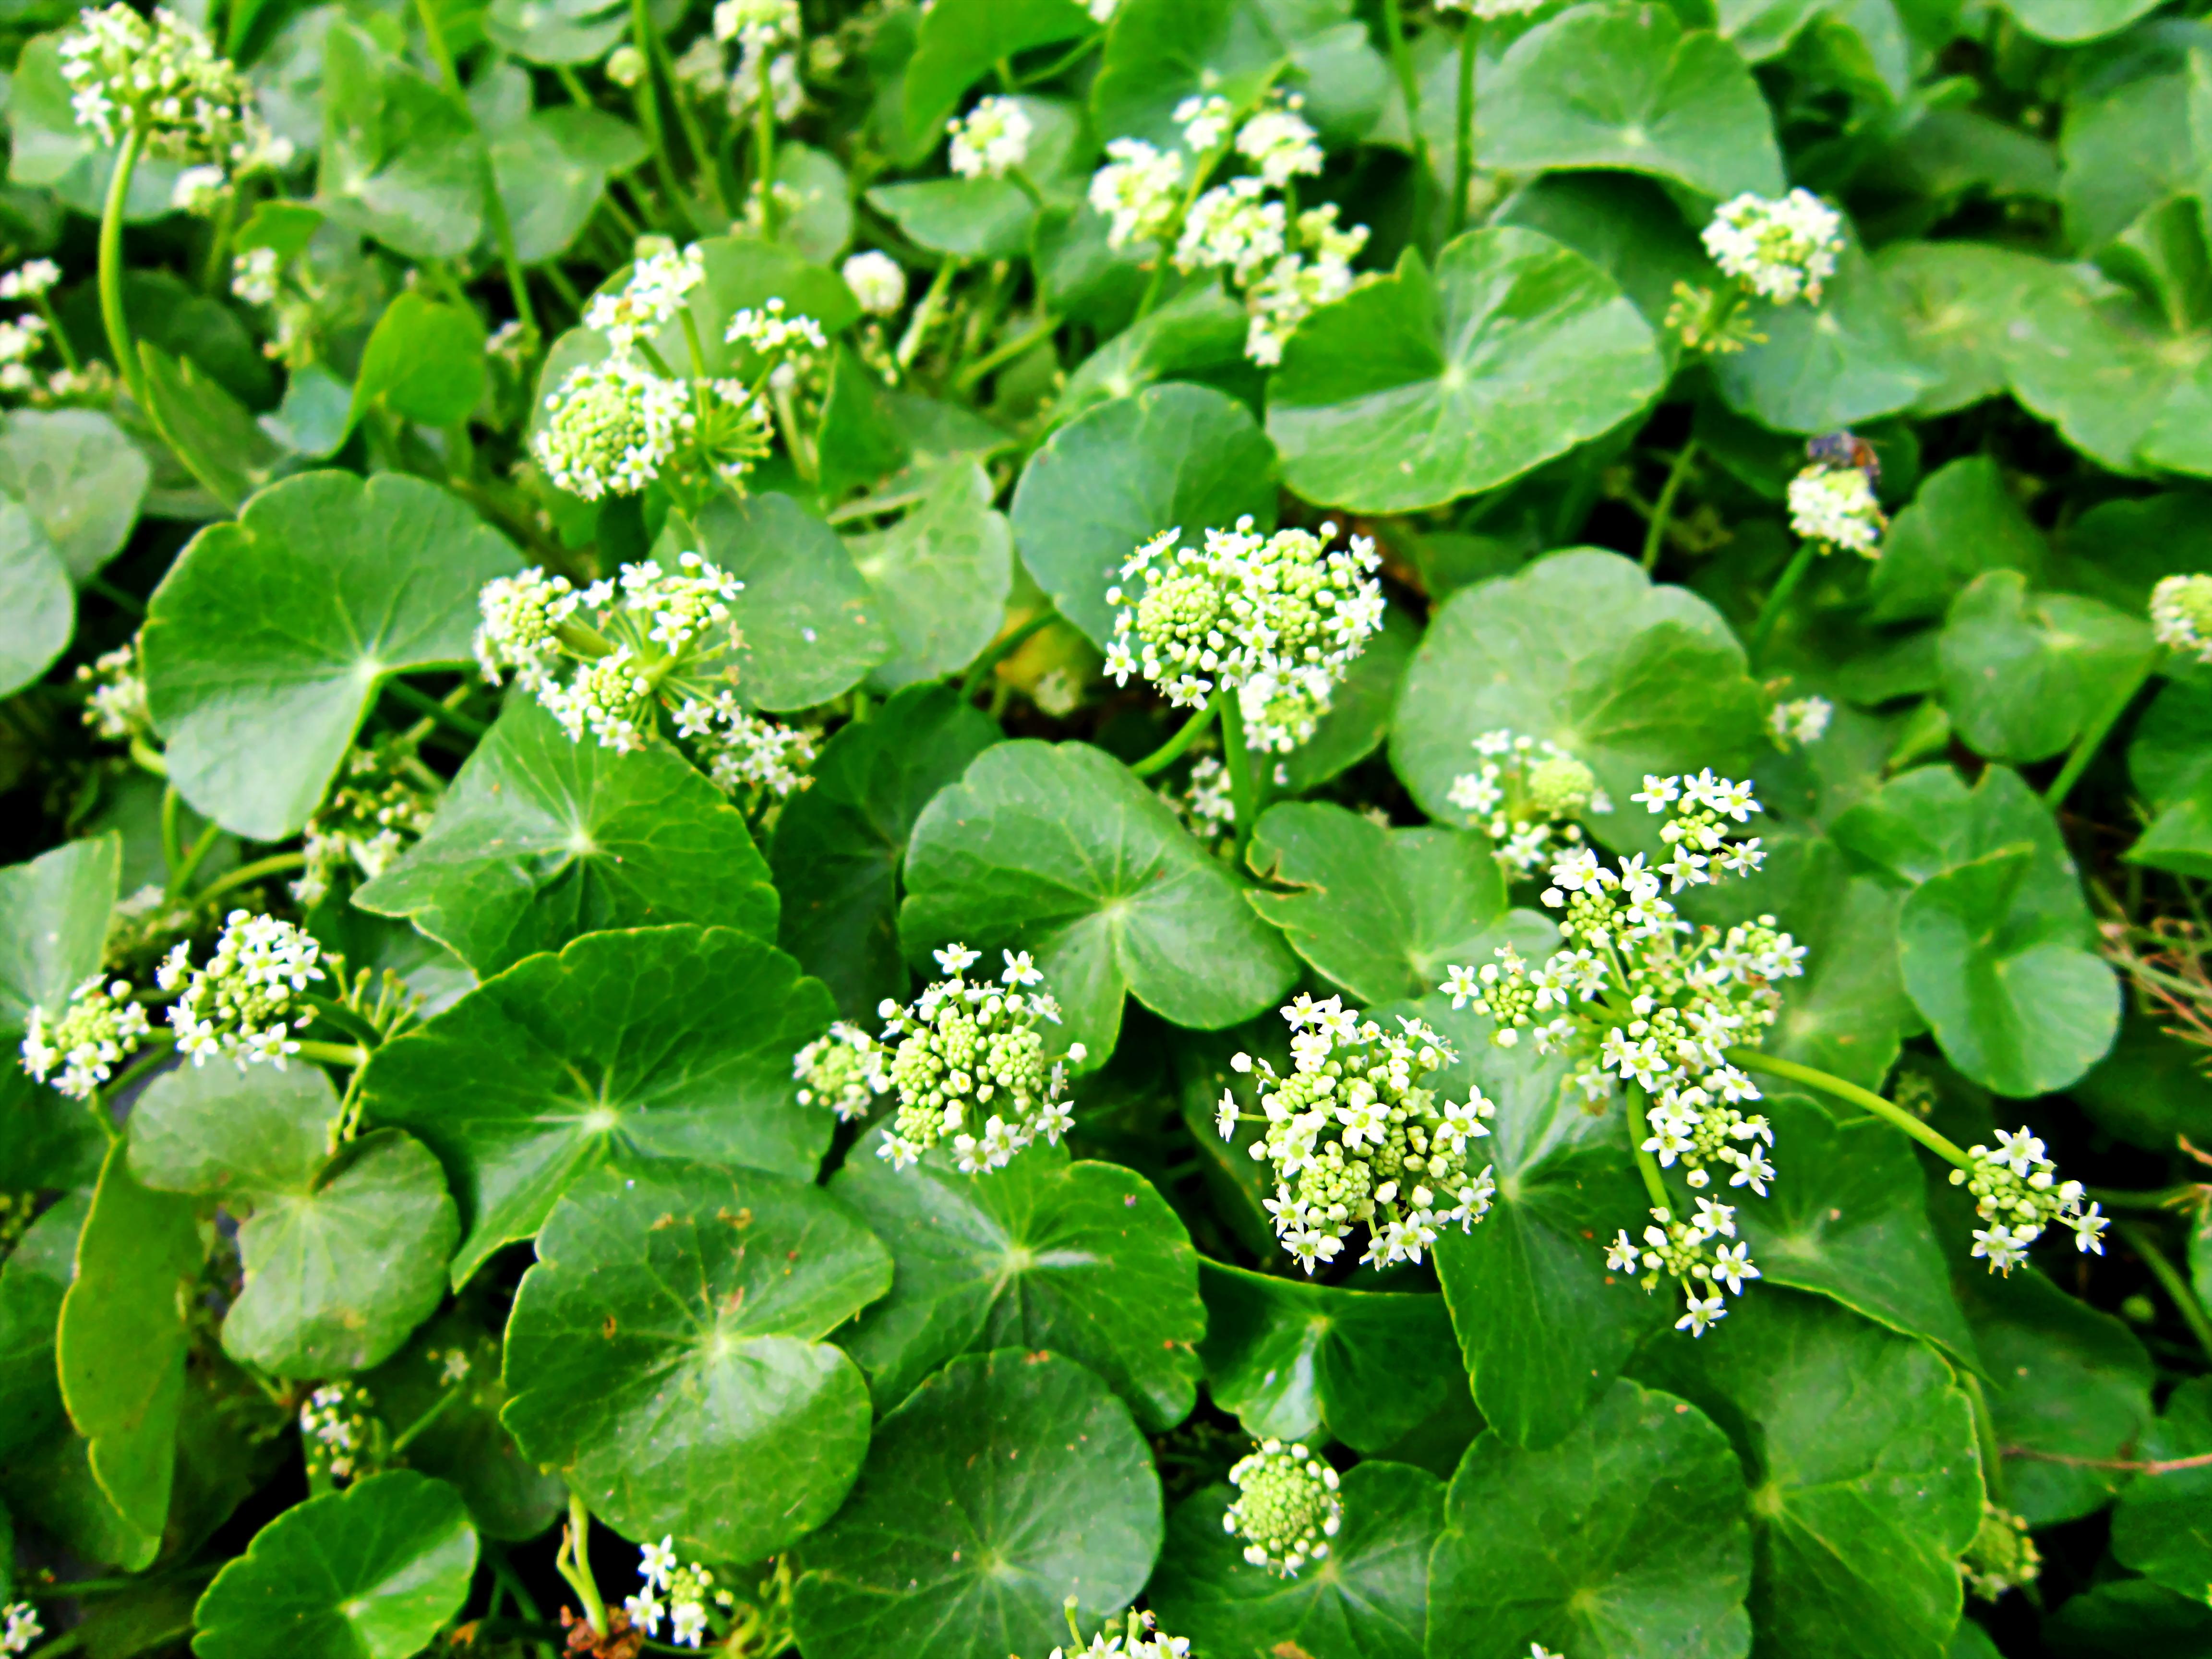 File:Hoa và lá rau má.jpg - Wikimedia Commons